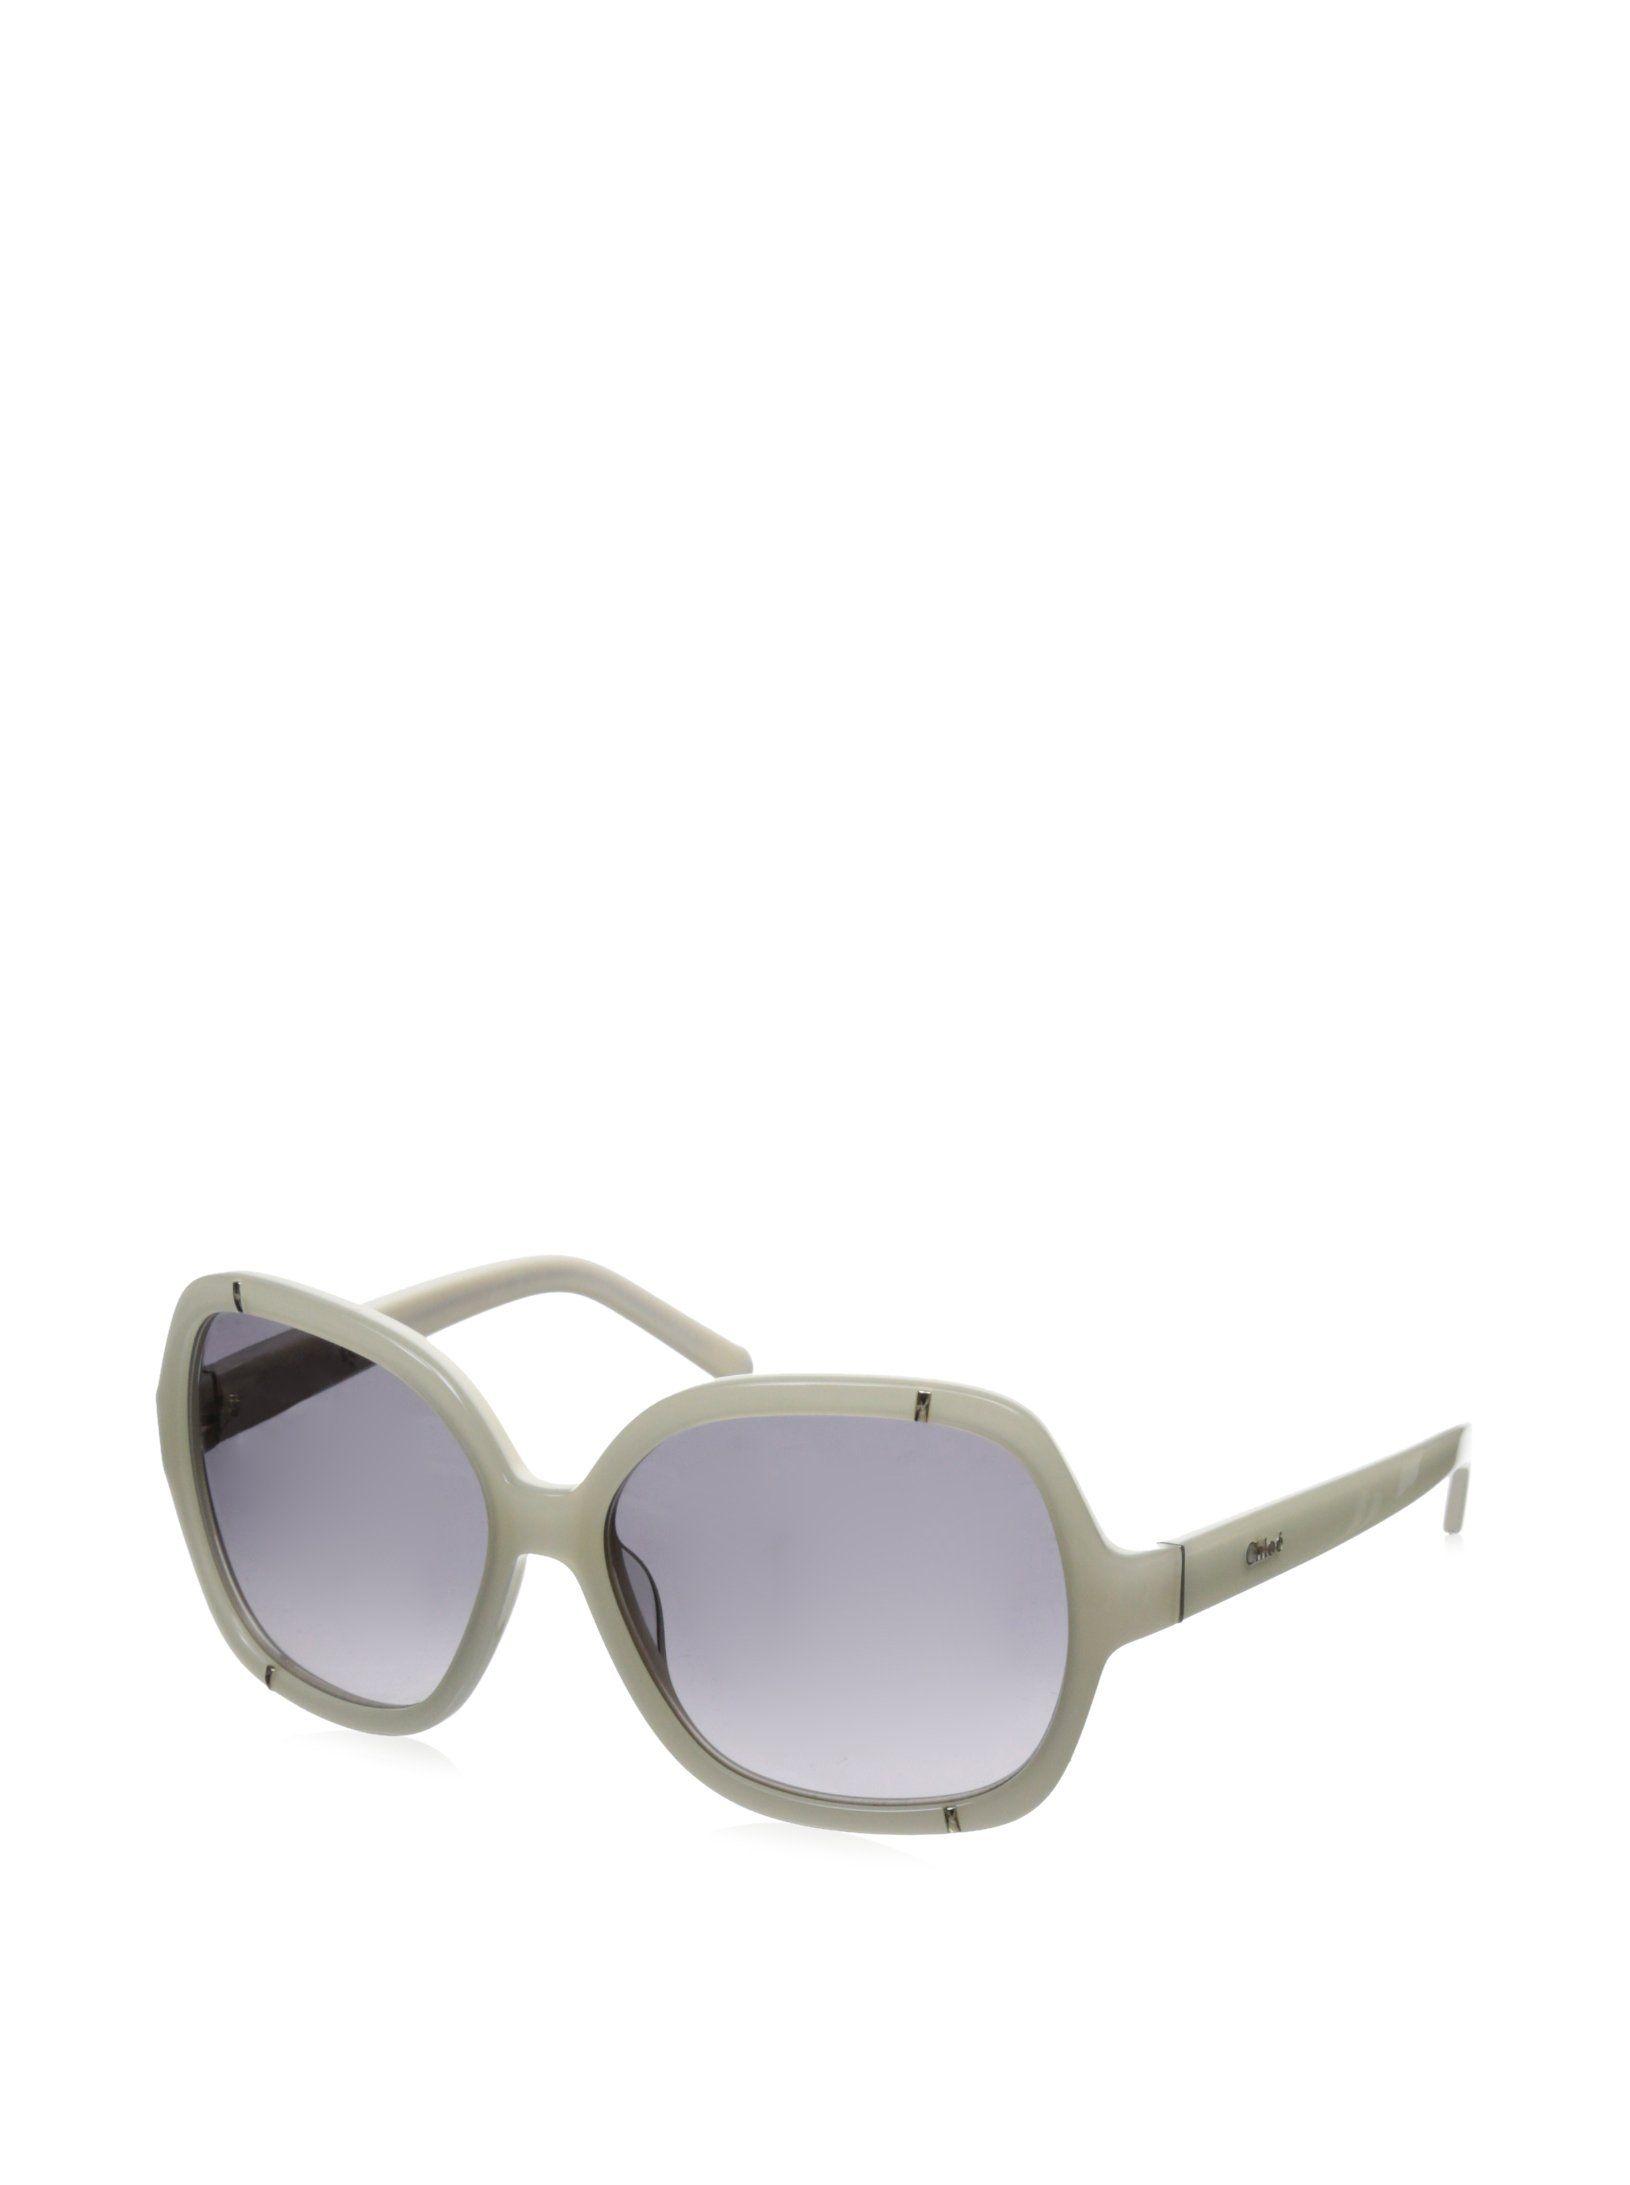 44f642575118 Chloé Women s CE619S Square Sunglasses